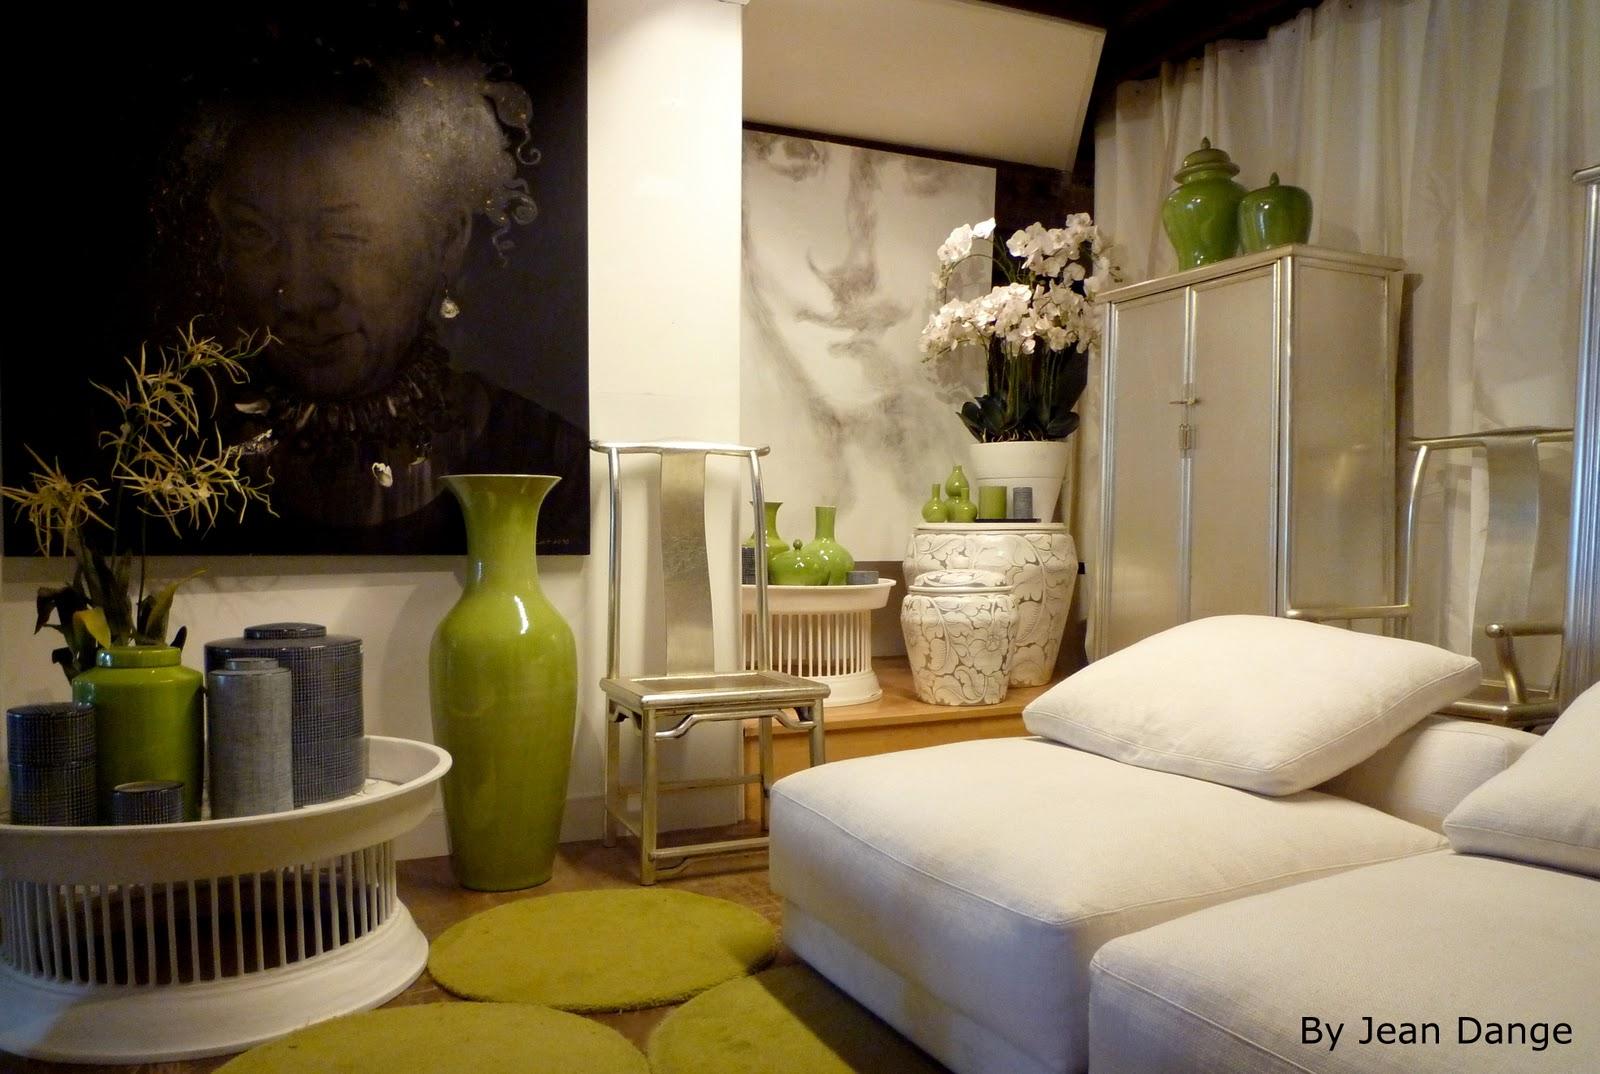 jean dange acid green room salle vert acide. Black Bedroom Furniture Sets. Home Design Ideas